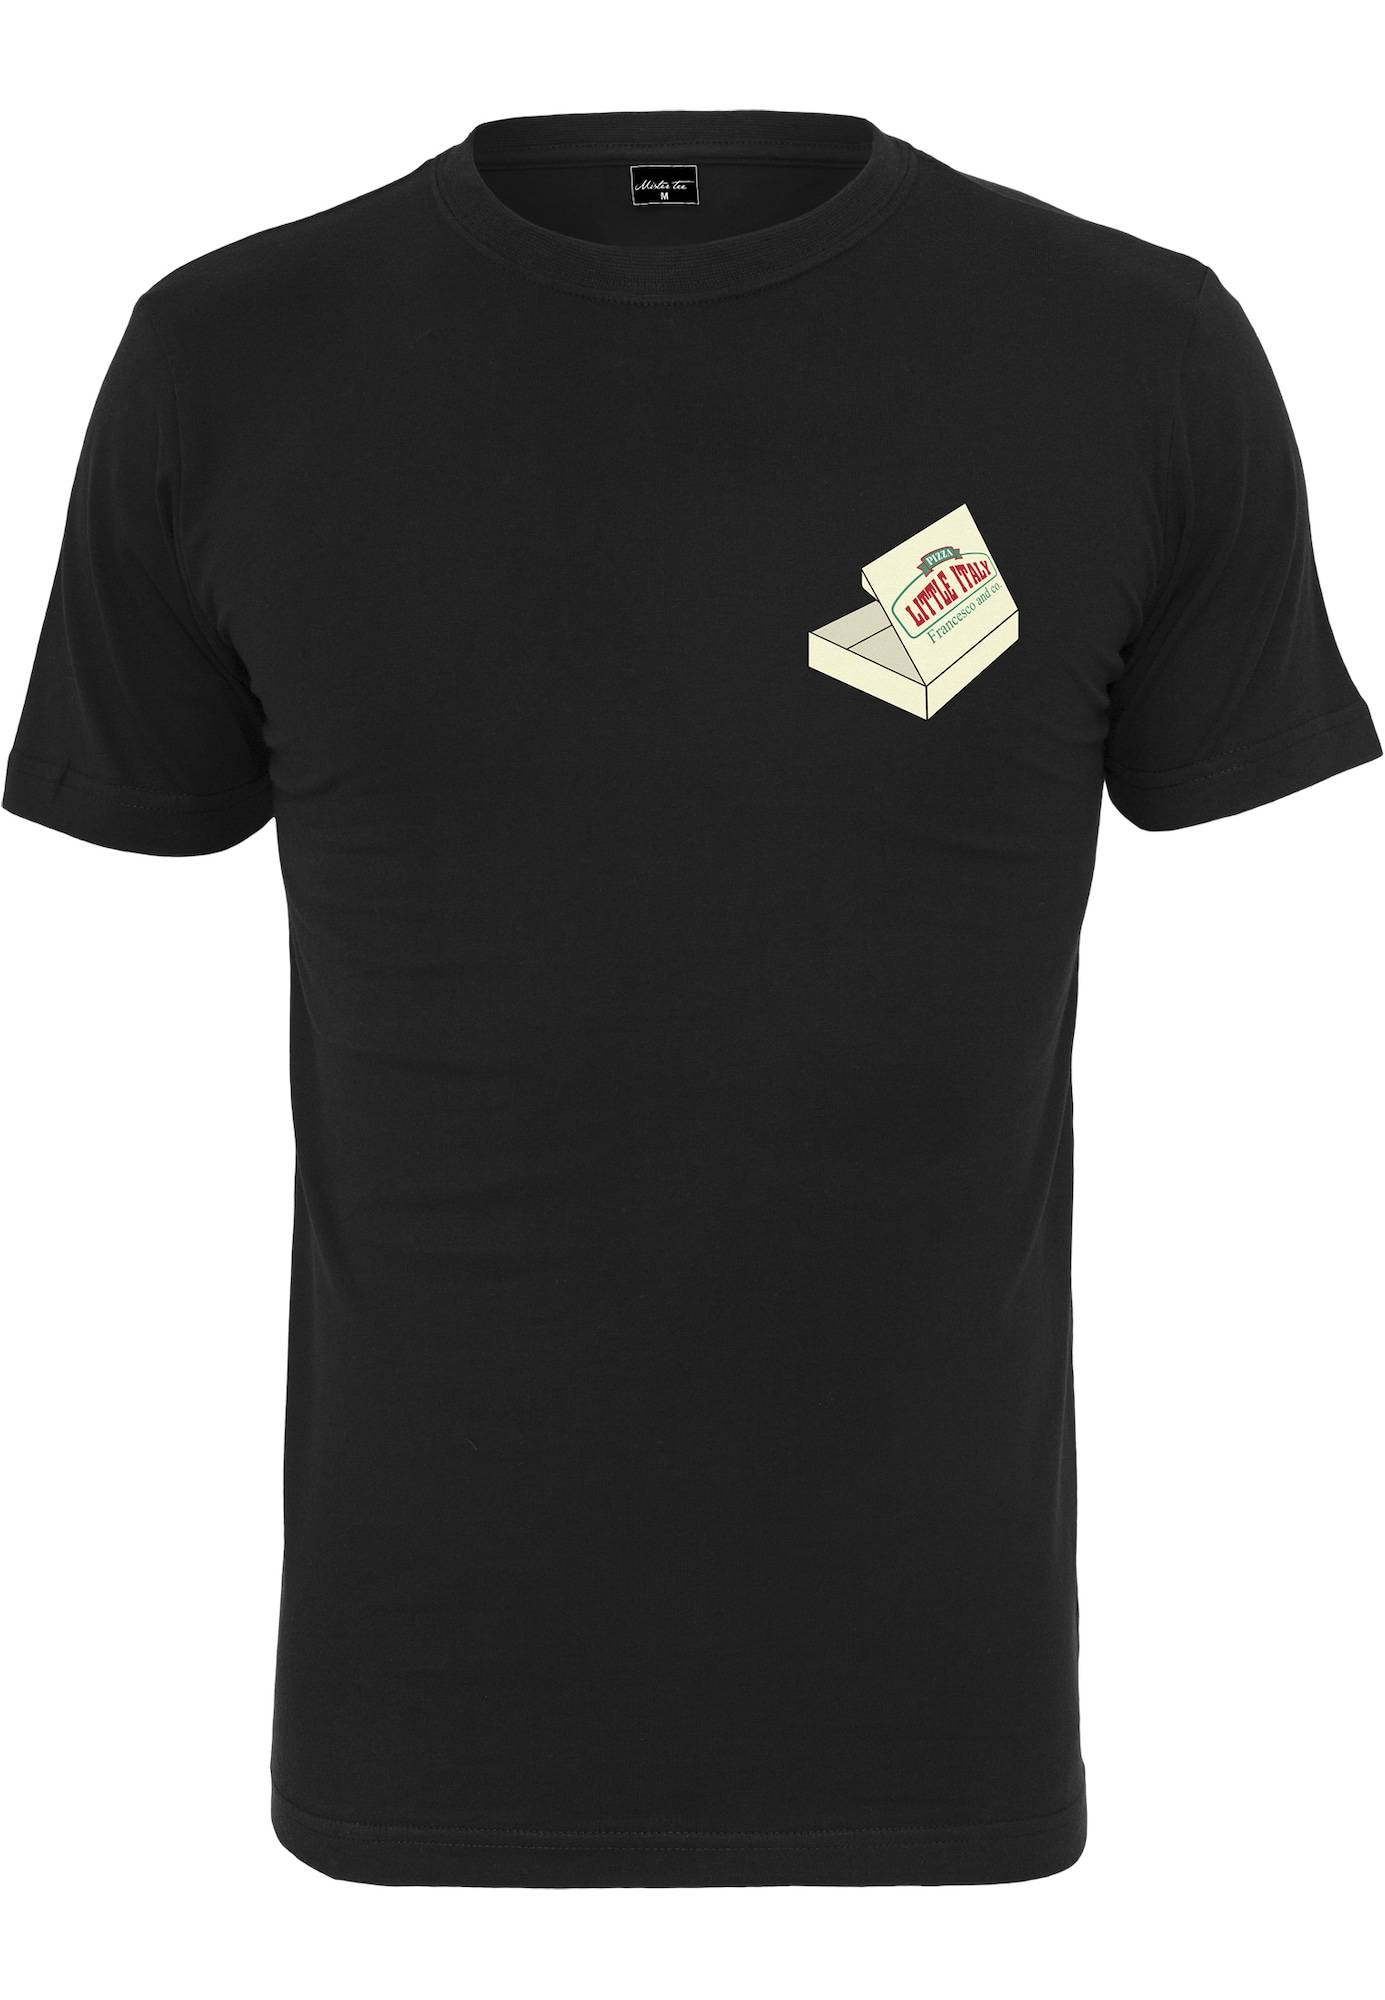 Tee T-Shirt 'Pizza Francesco'  - Noir - Taille: M - male